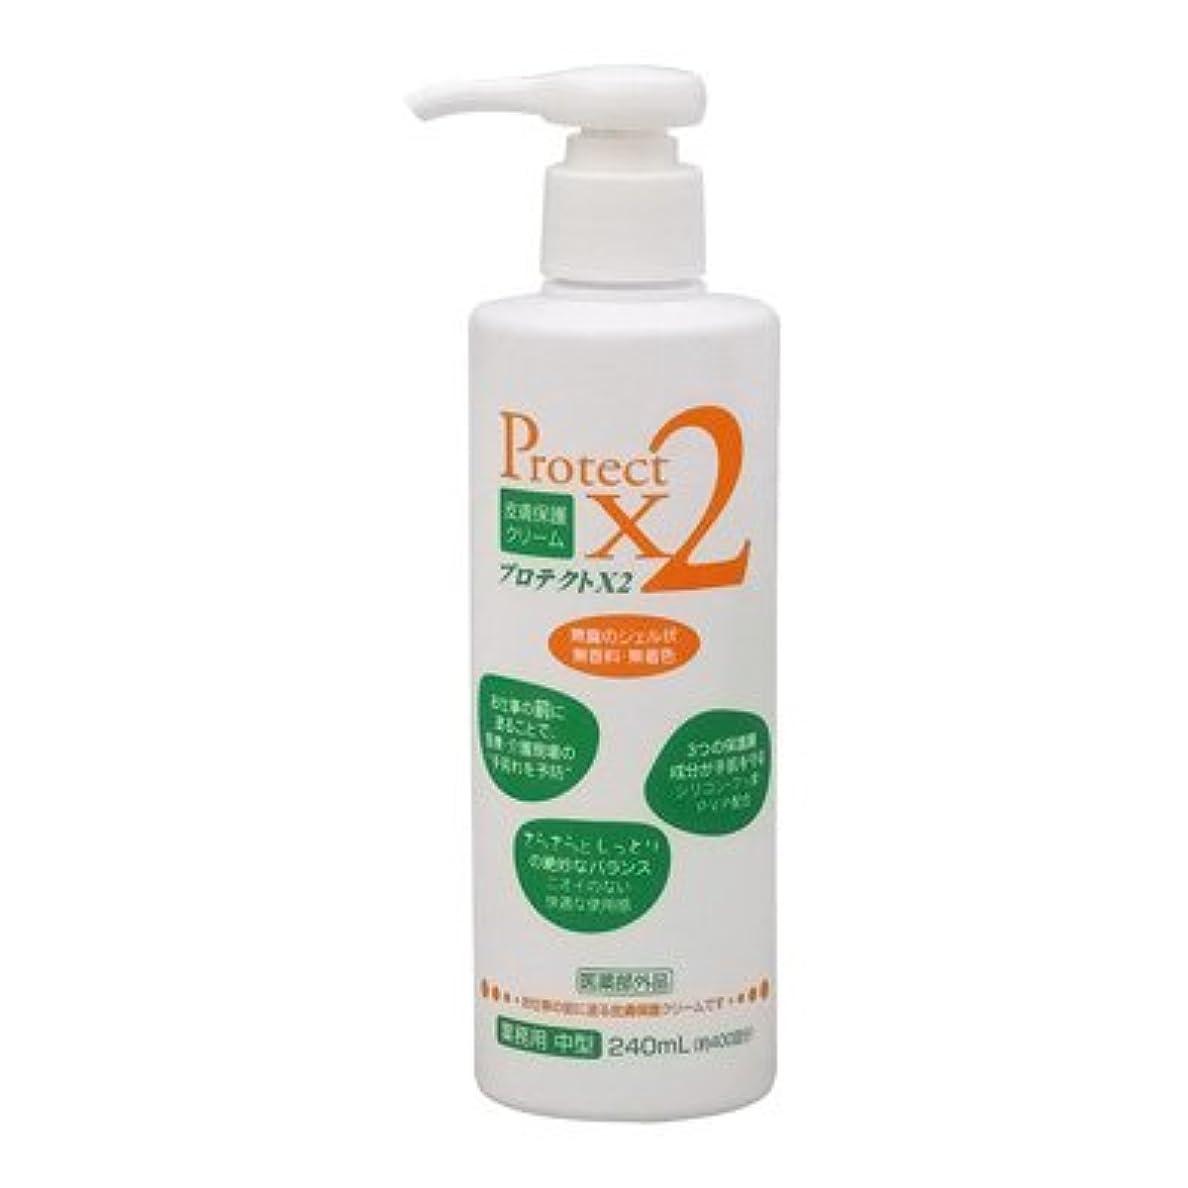 コーン複製軽く皮膚保護クリーム プロテクトX2 240ml(中型)